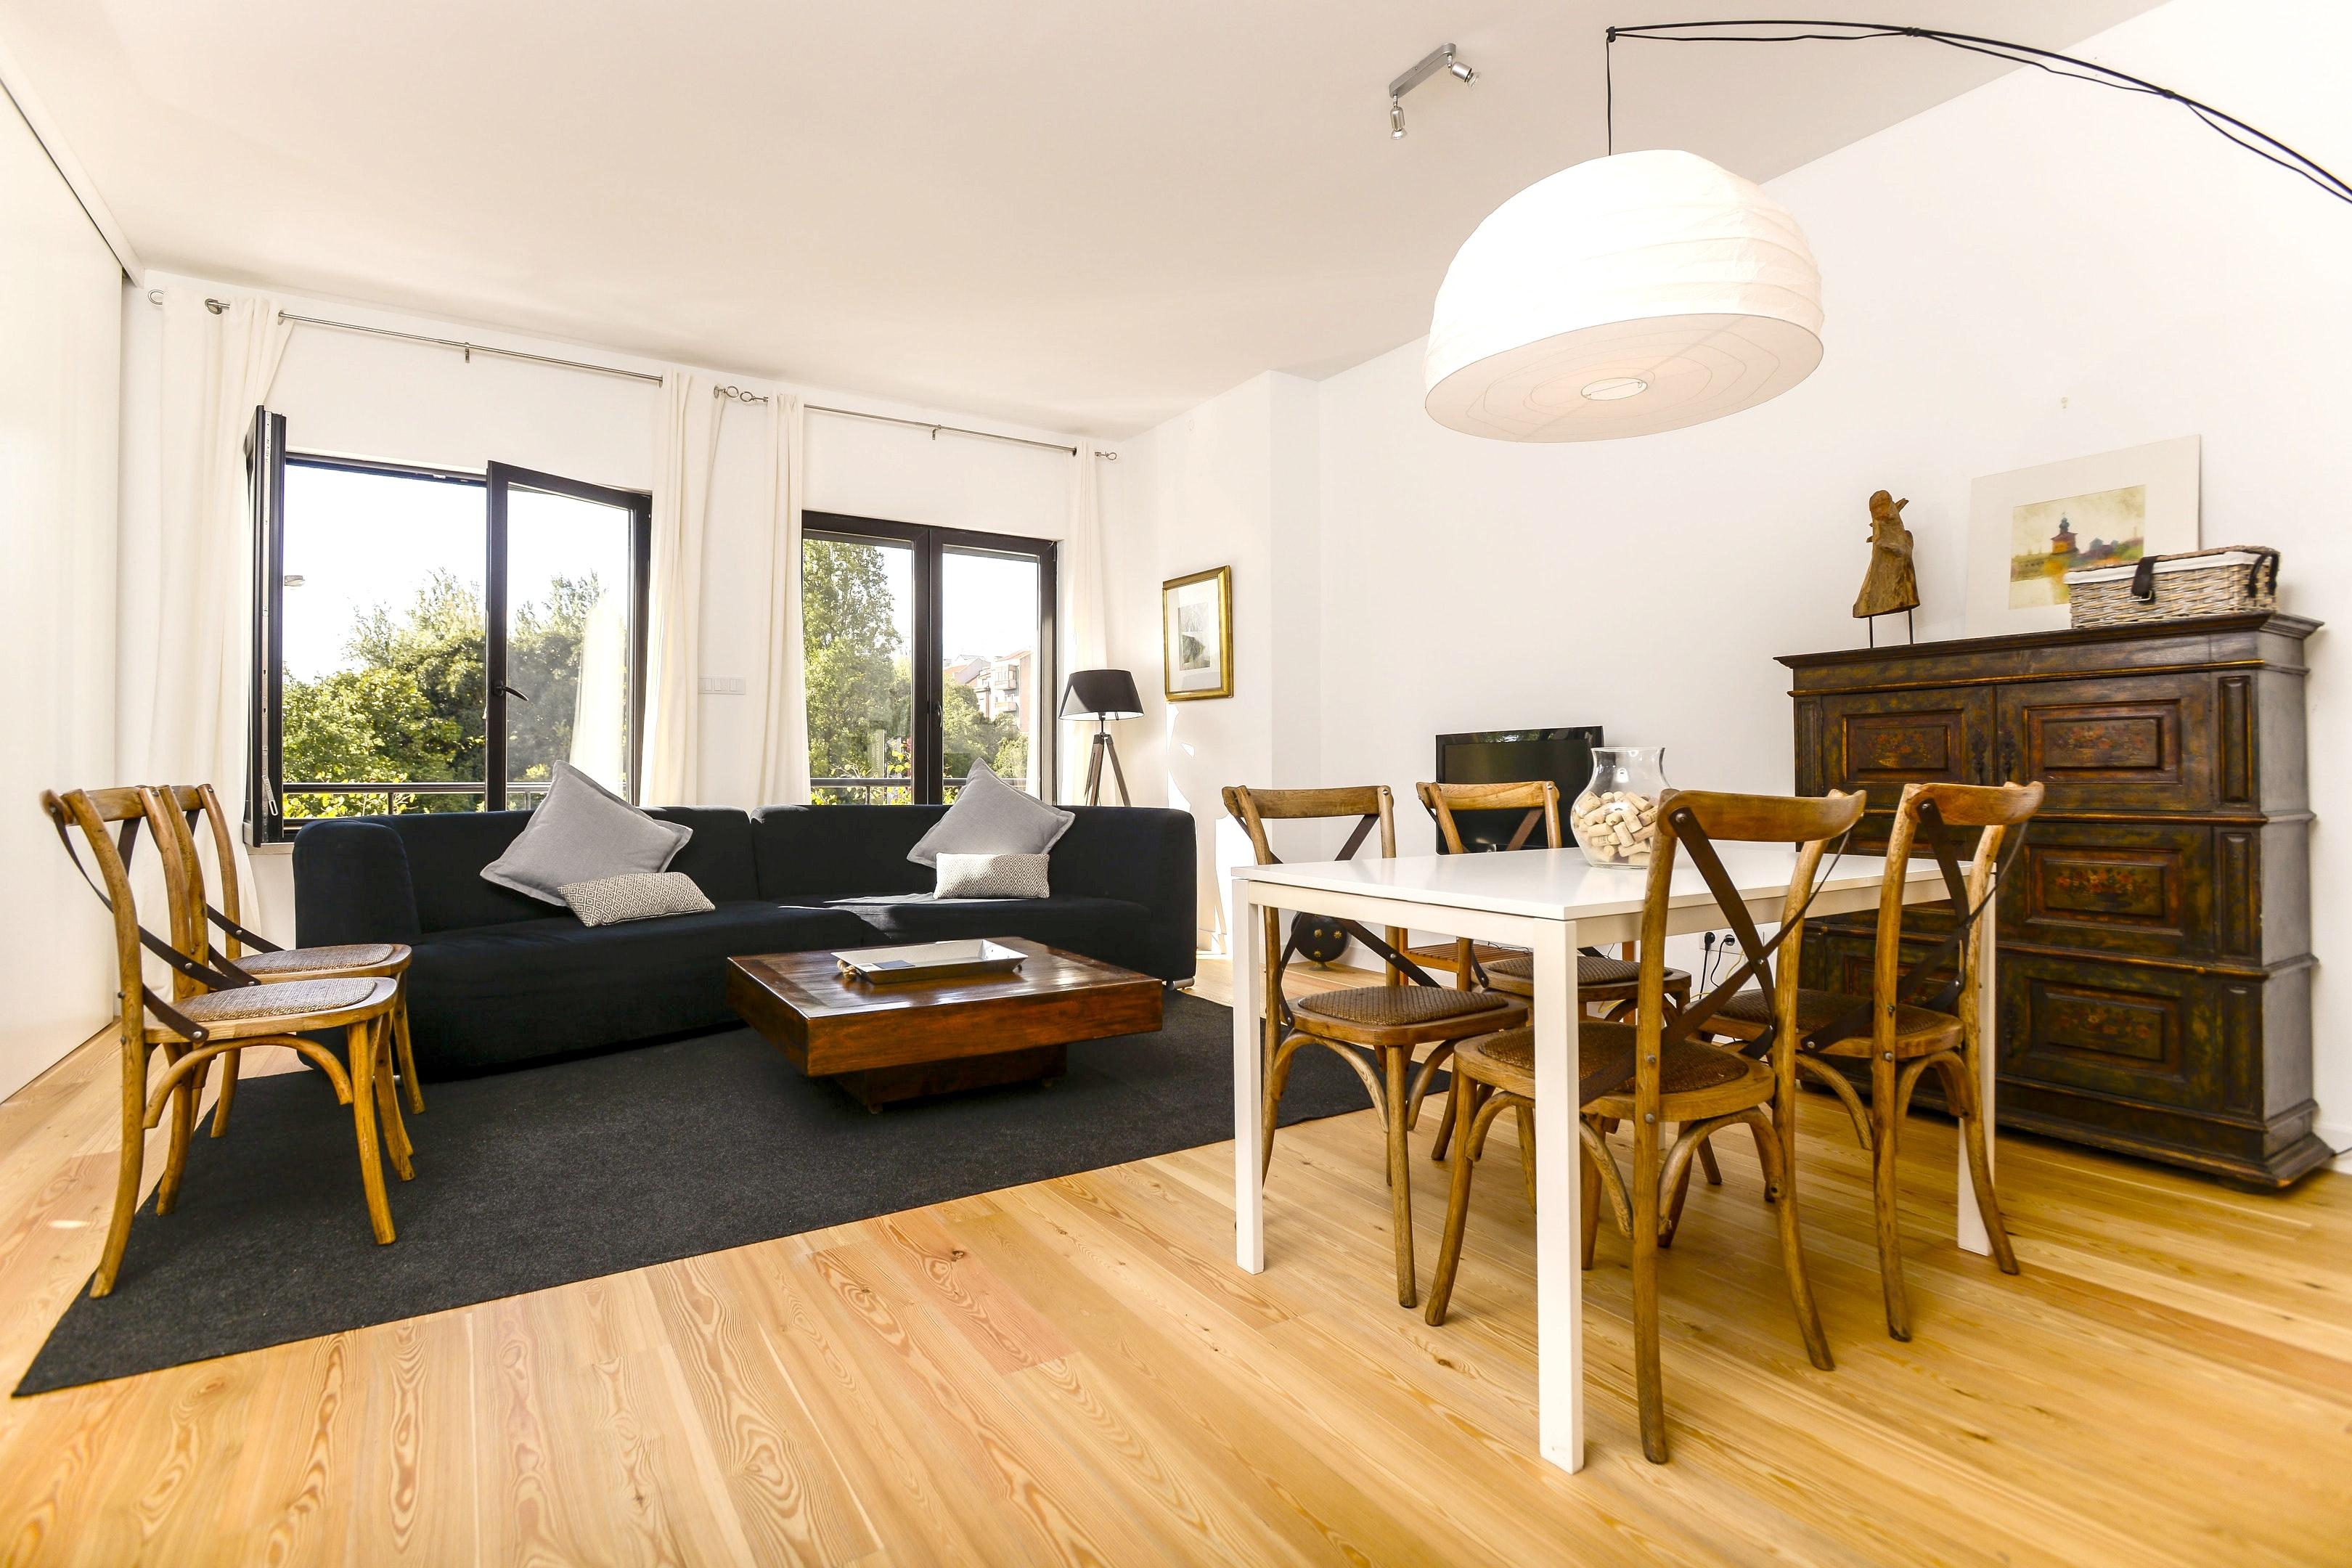 Wohnung mit 3 Schlafzimmern in Lisboa mit schöner Aussicht auf die Stadt möbliertem Balkon und W LAN 15 km vom Strand entfernt